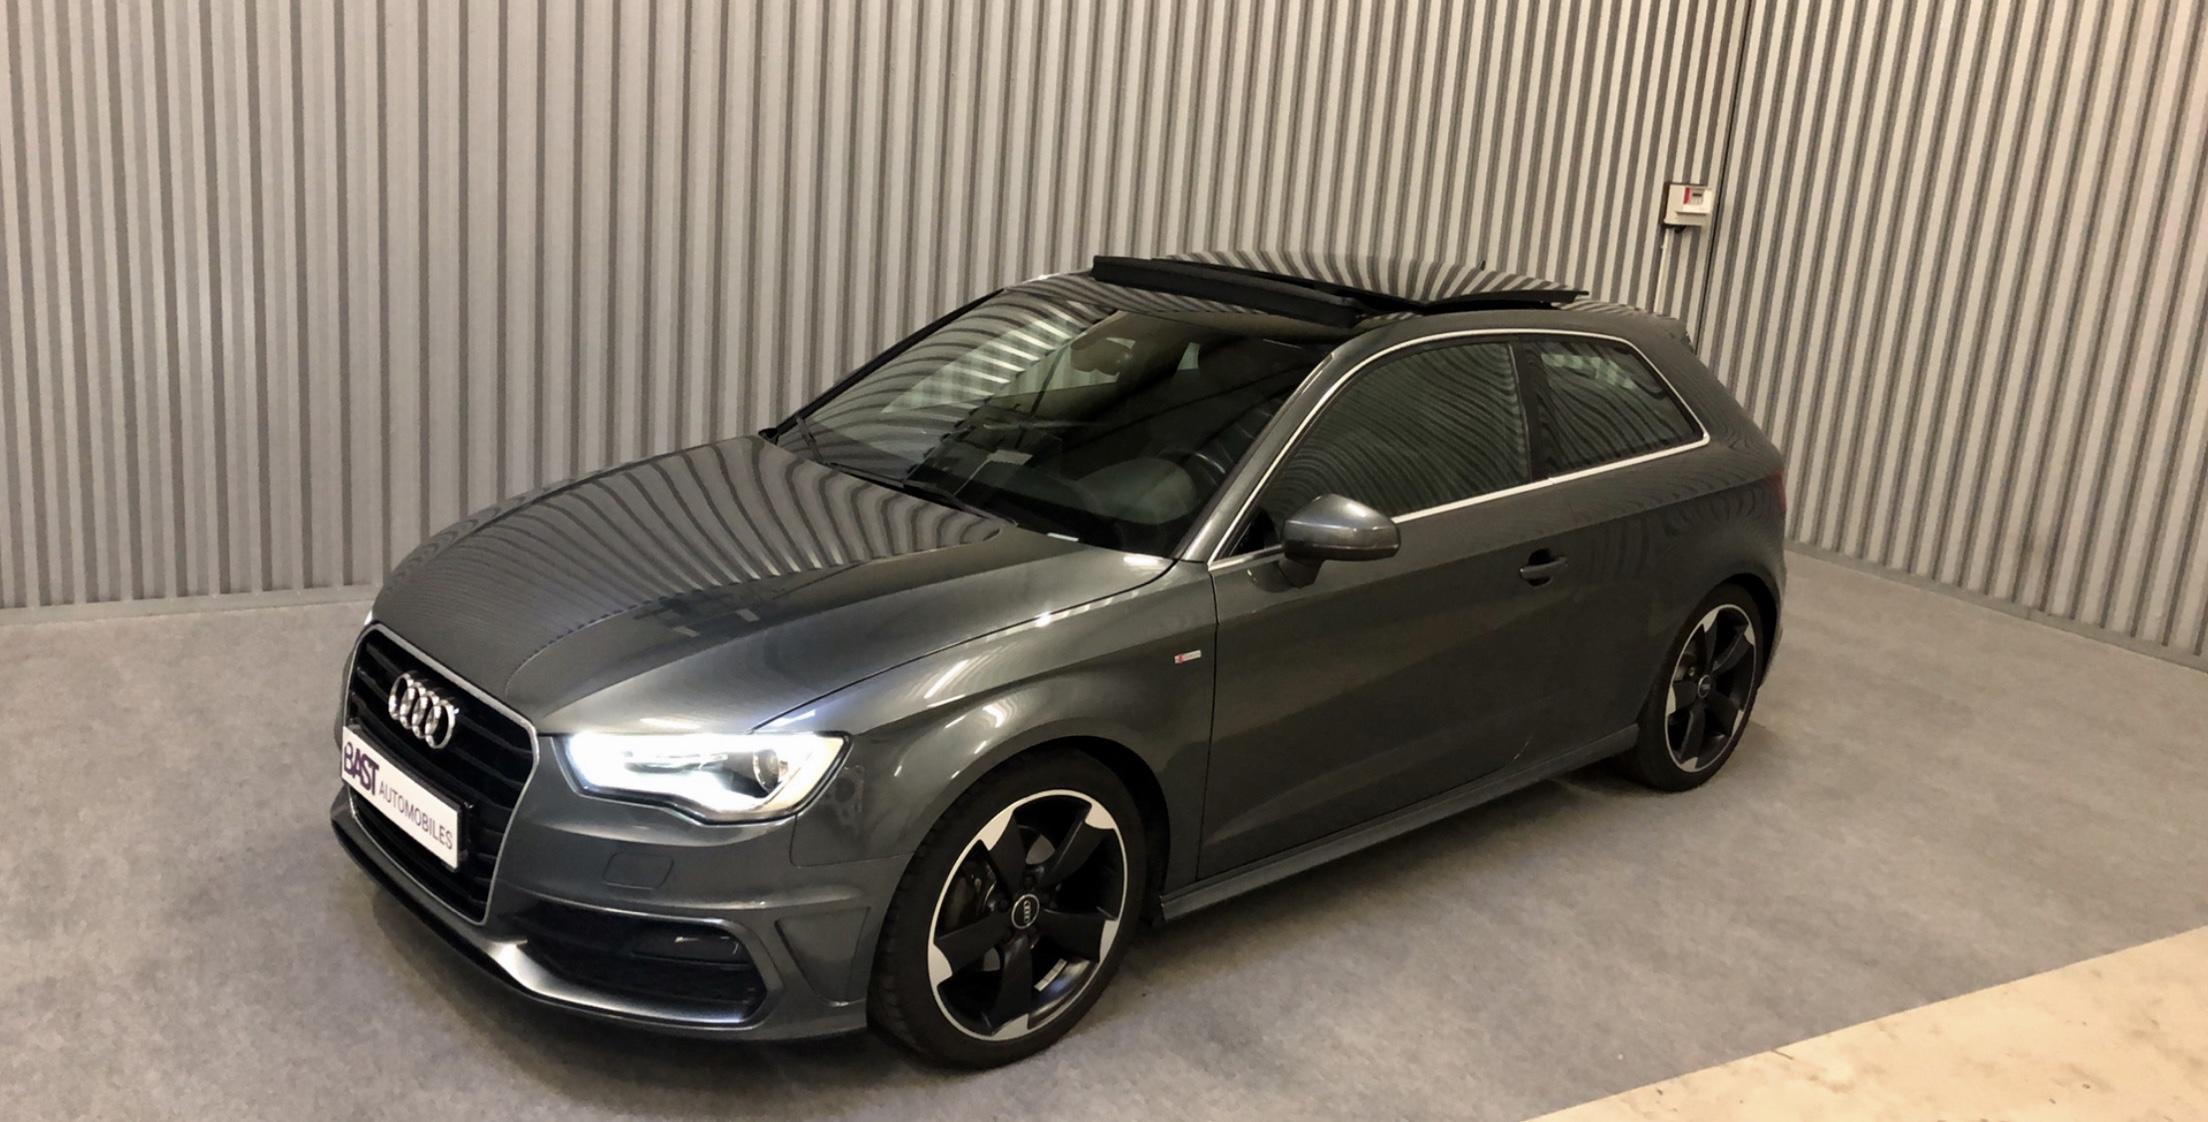 Audi A3 S Line COD DSG 7 Image